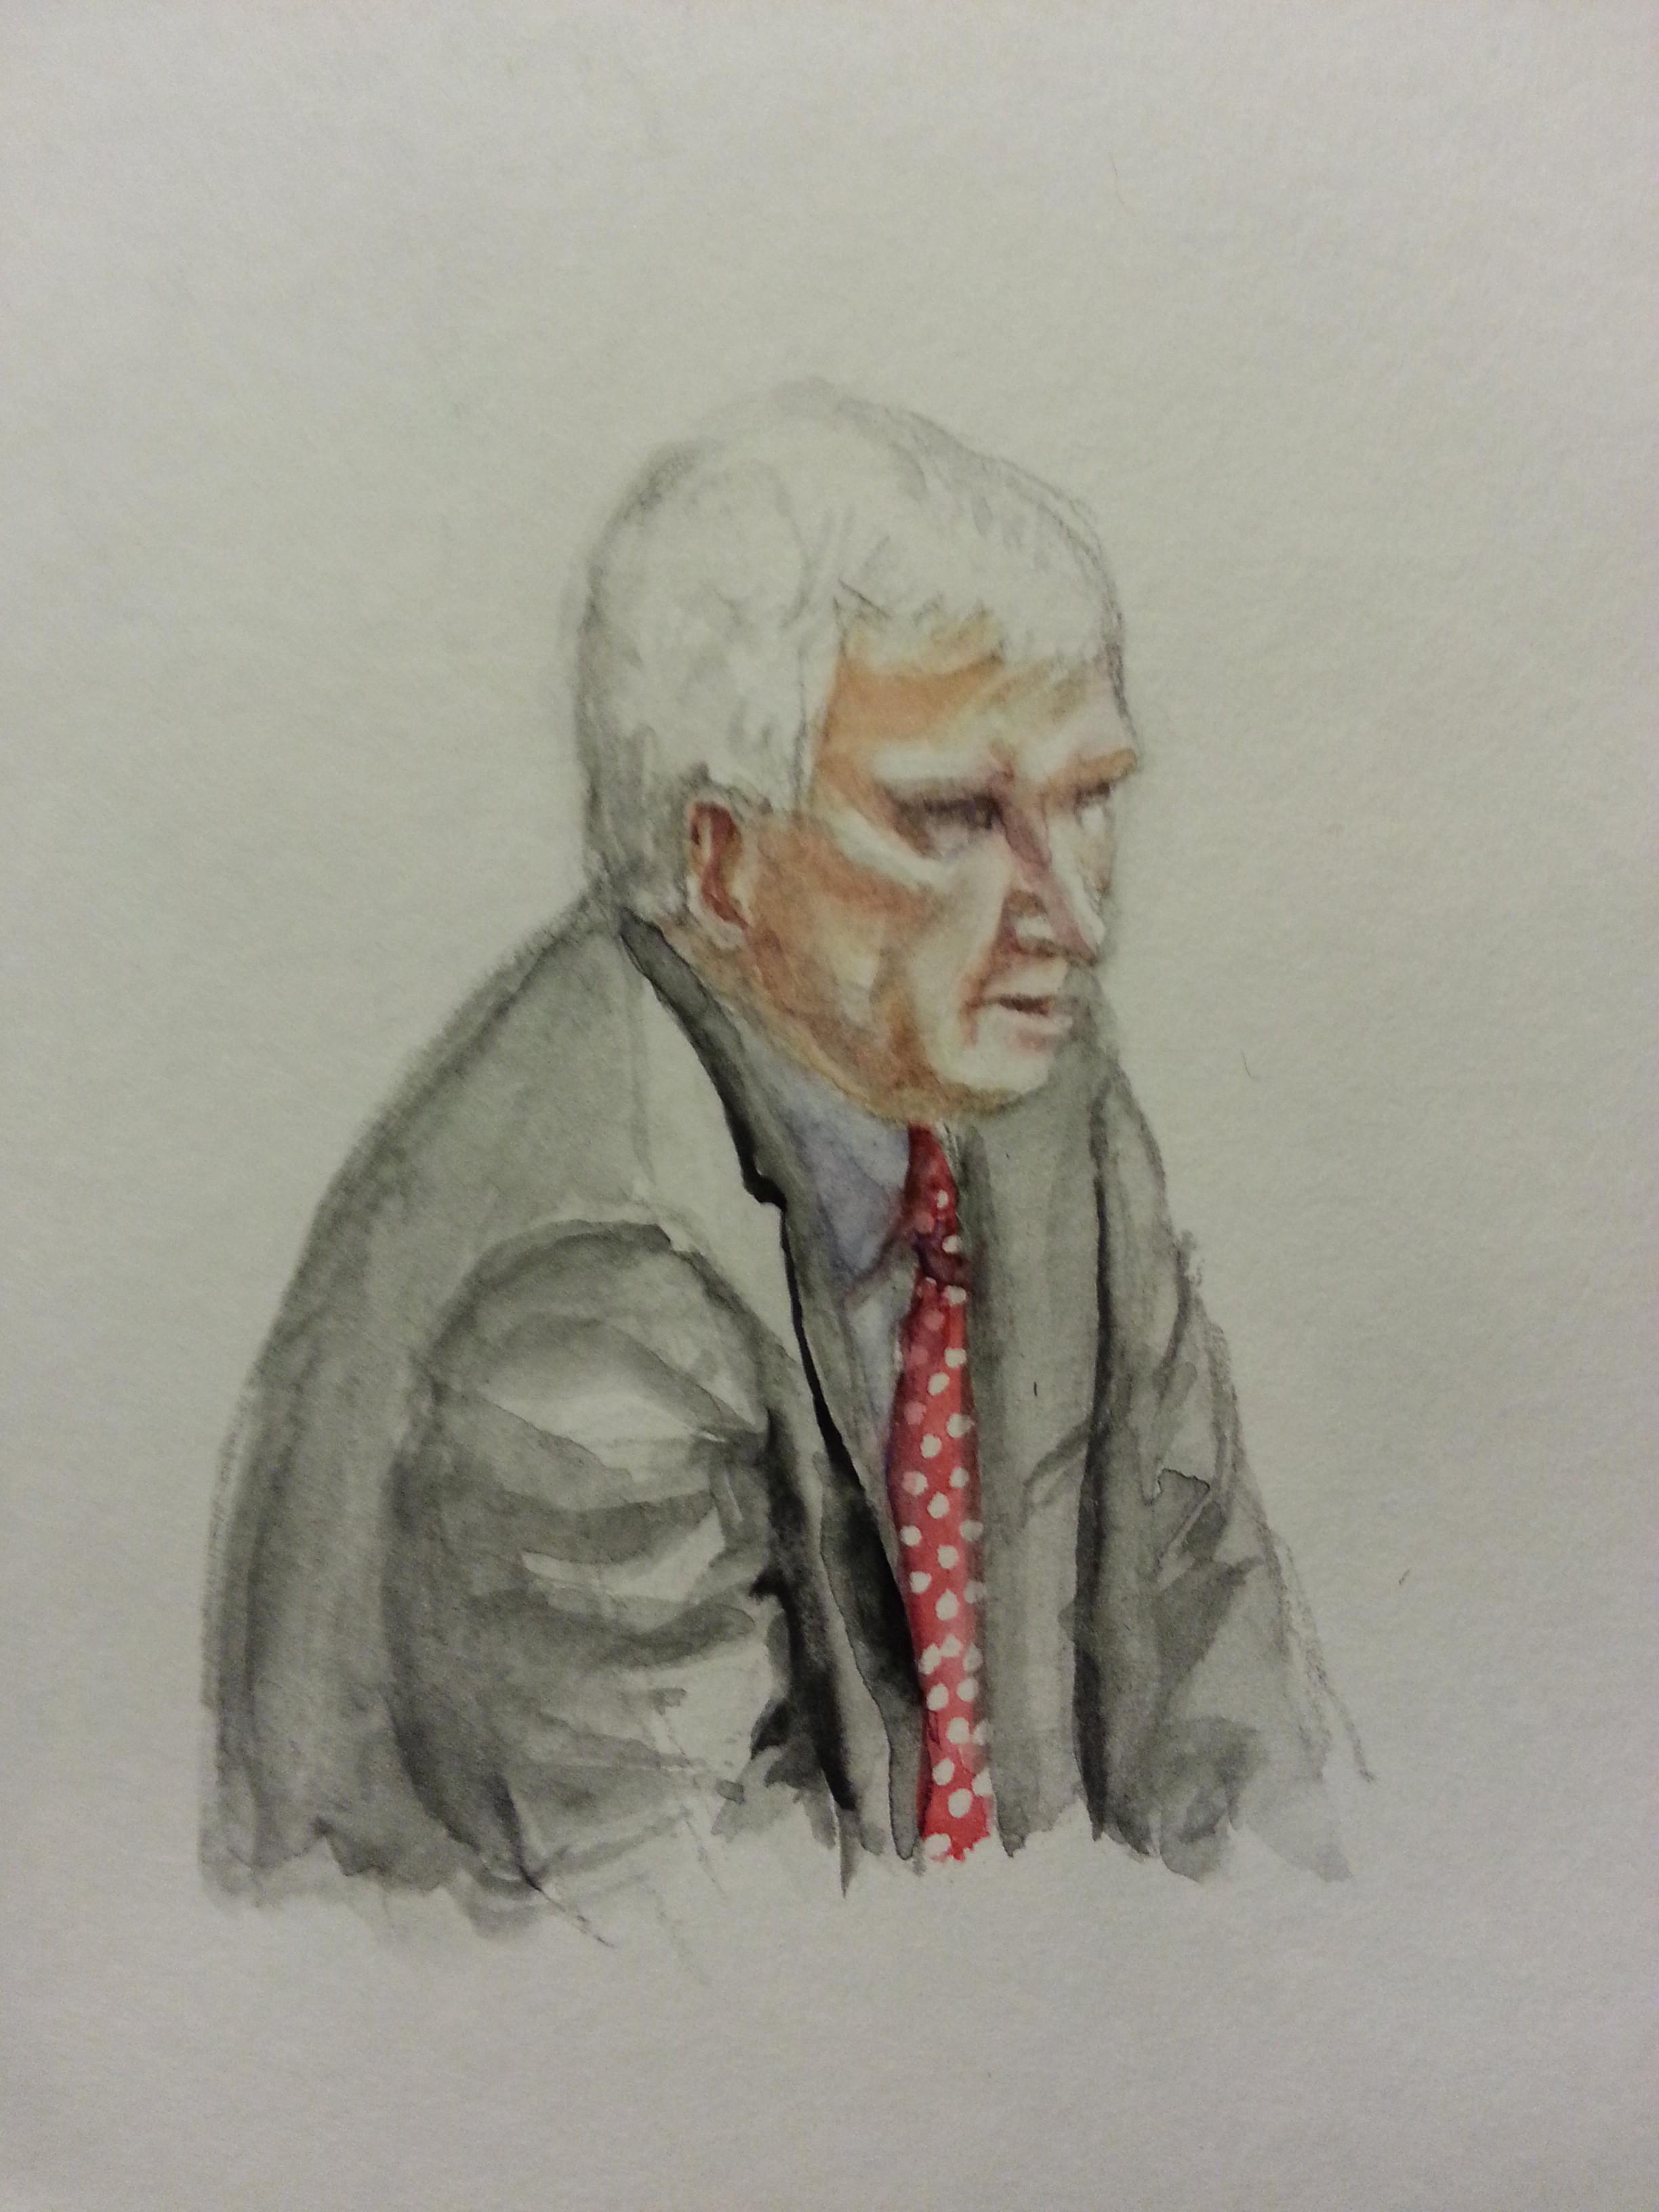 Zeuge Ernst Uhrlau während seiner Anhörung. Zeichnung: Stella Schiffczyk